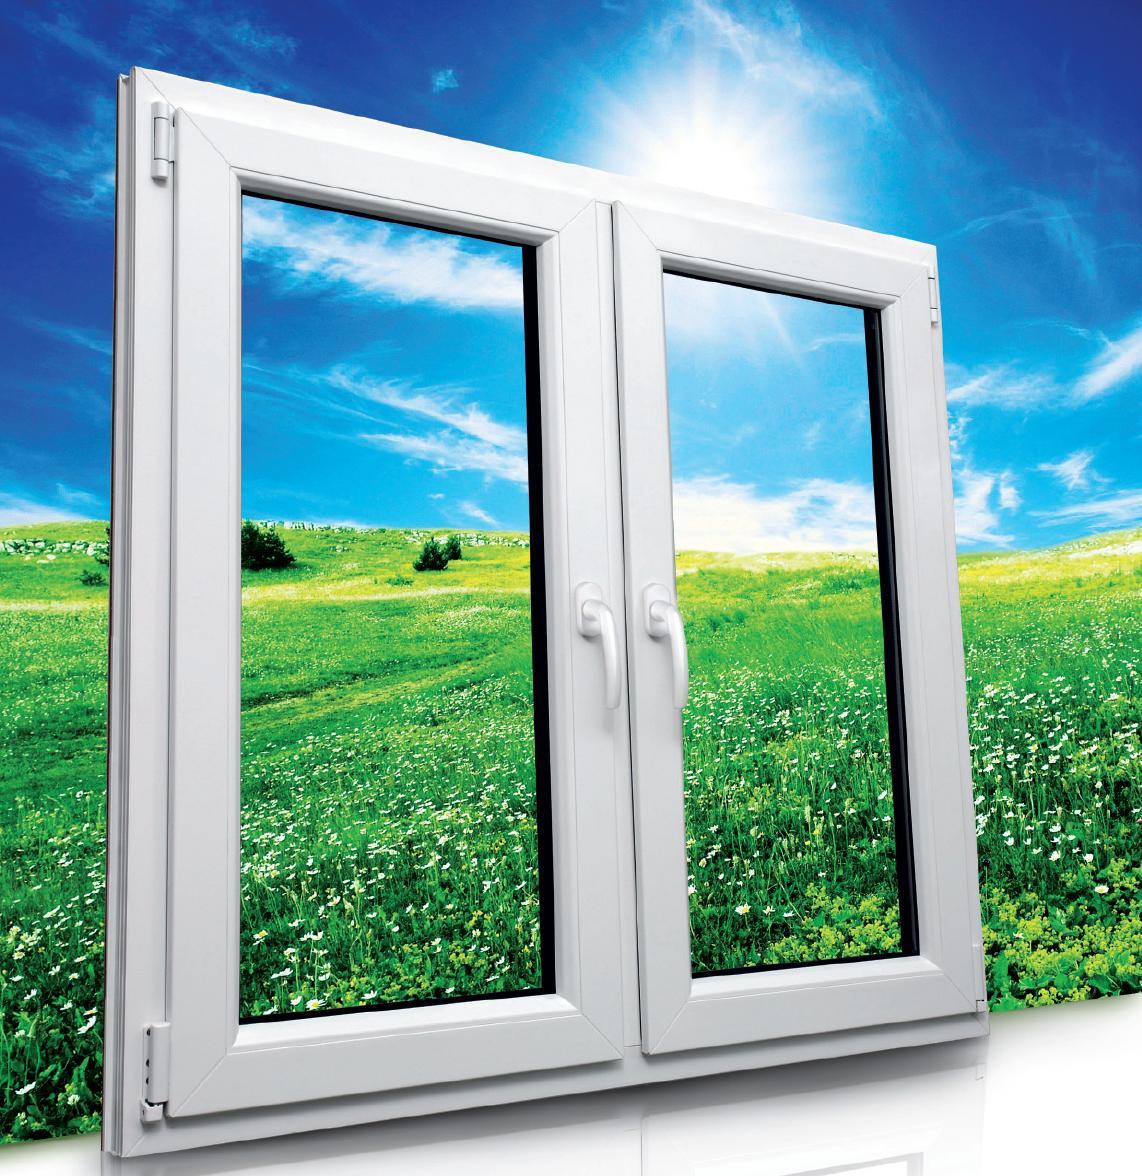 Качественные окна - залог тепла и уюта